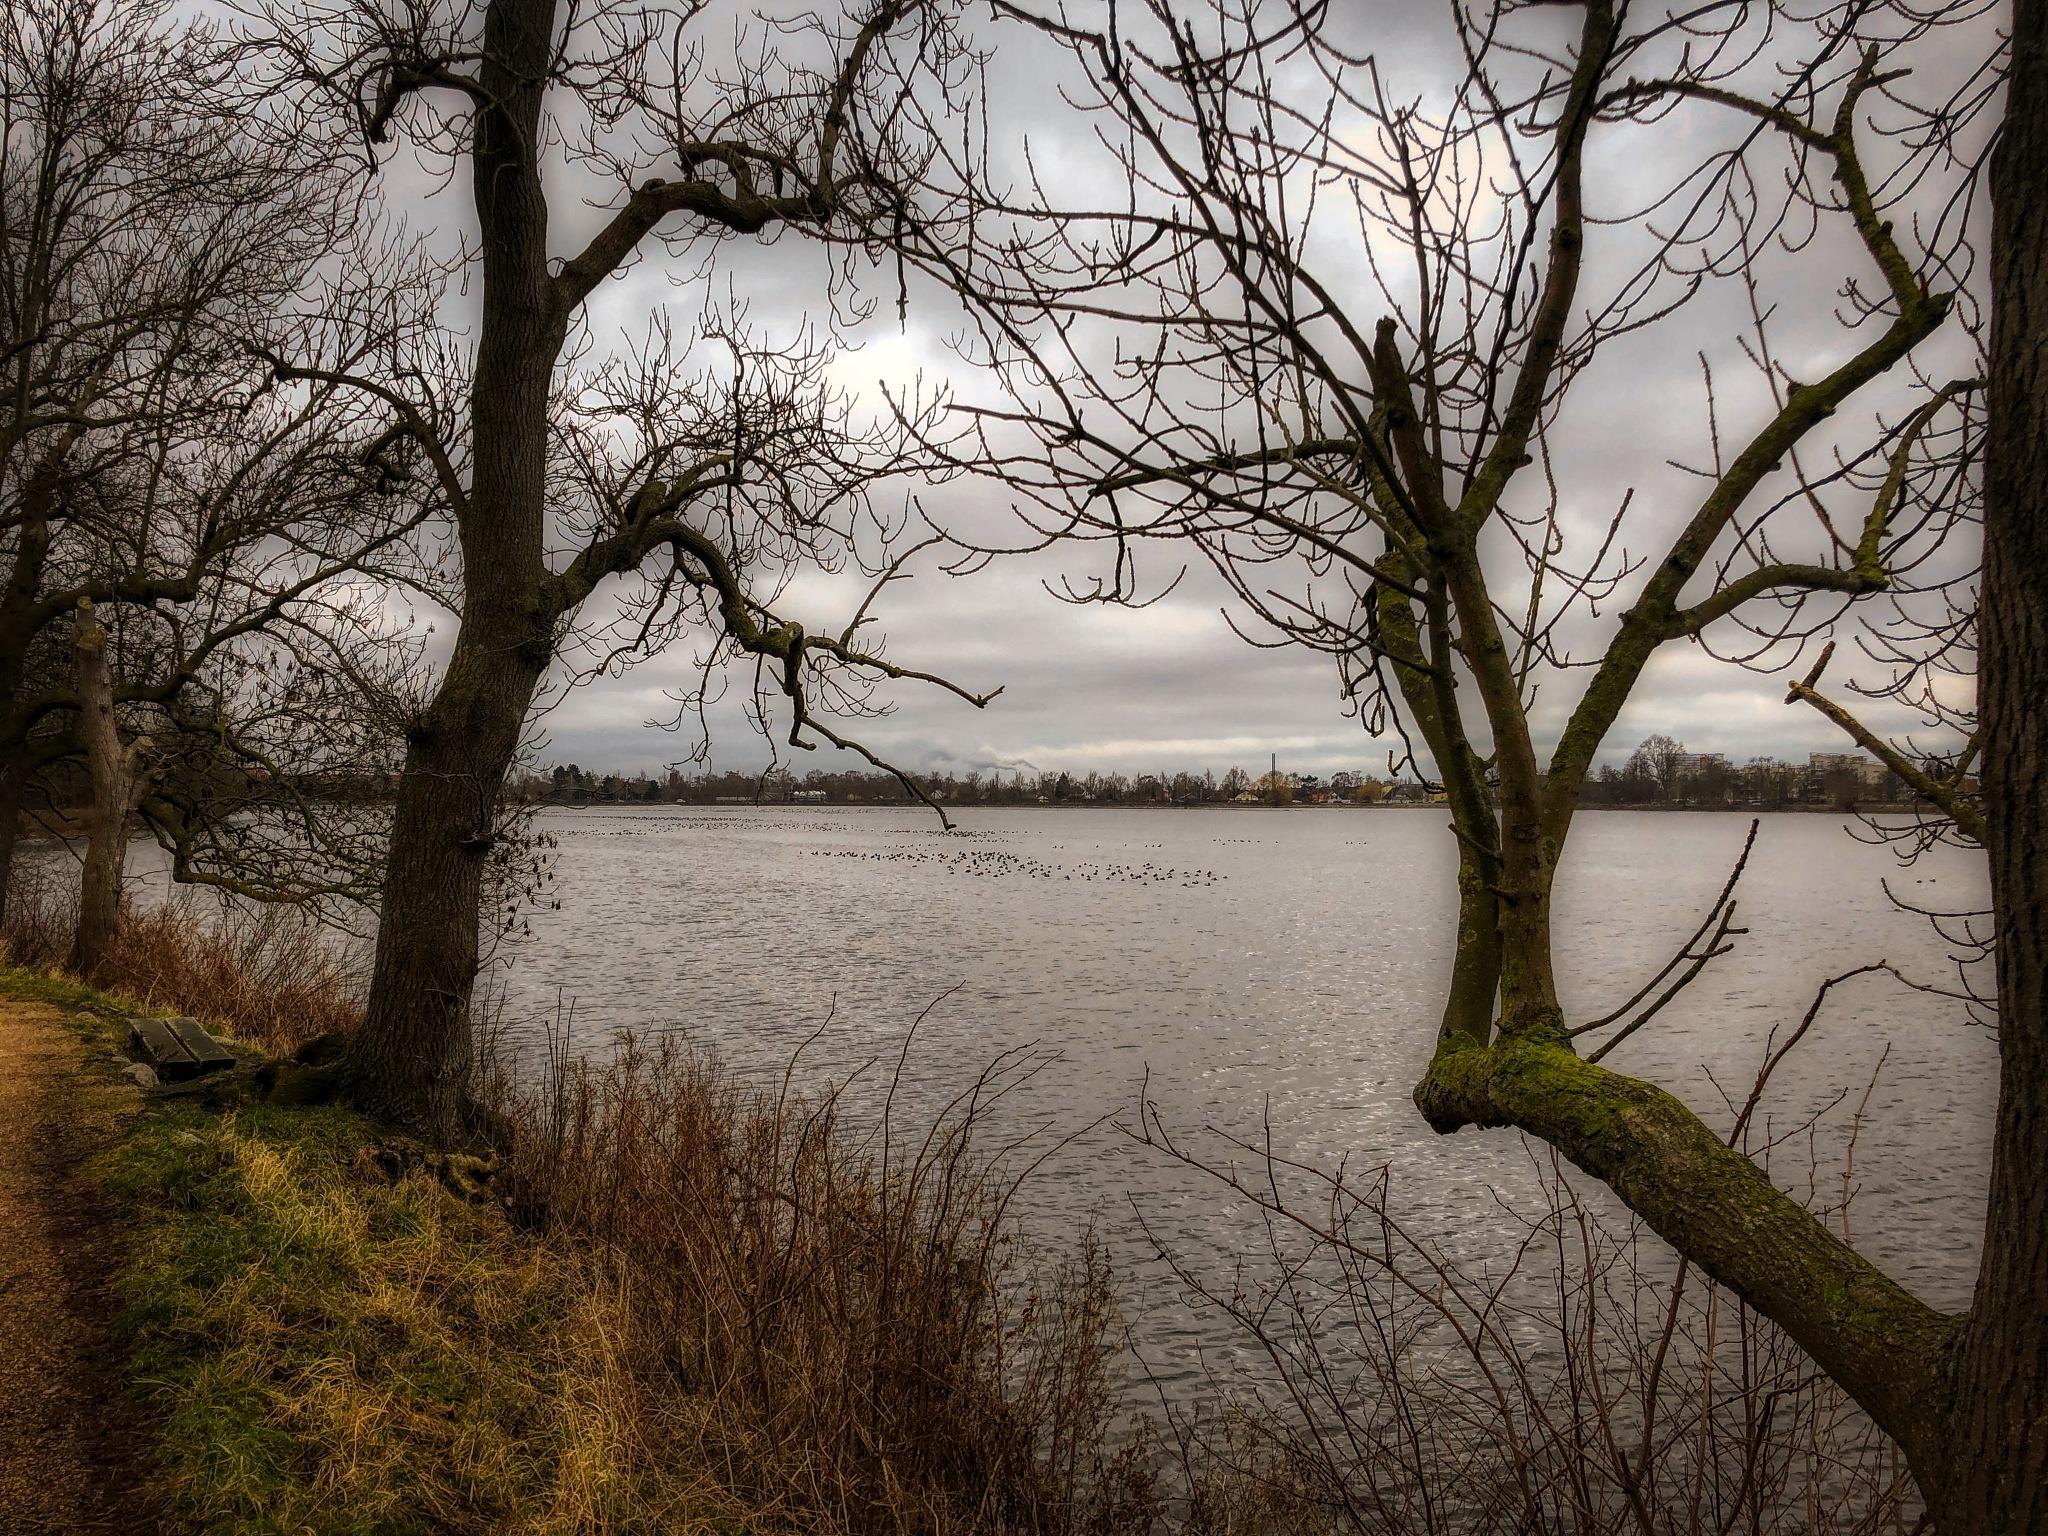 Lake by kulefe31